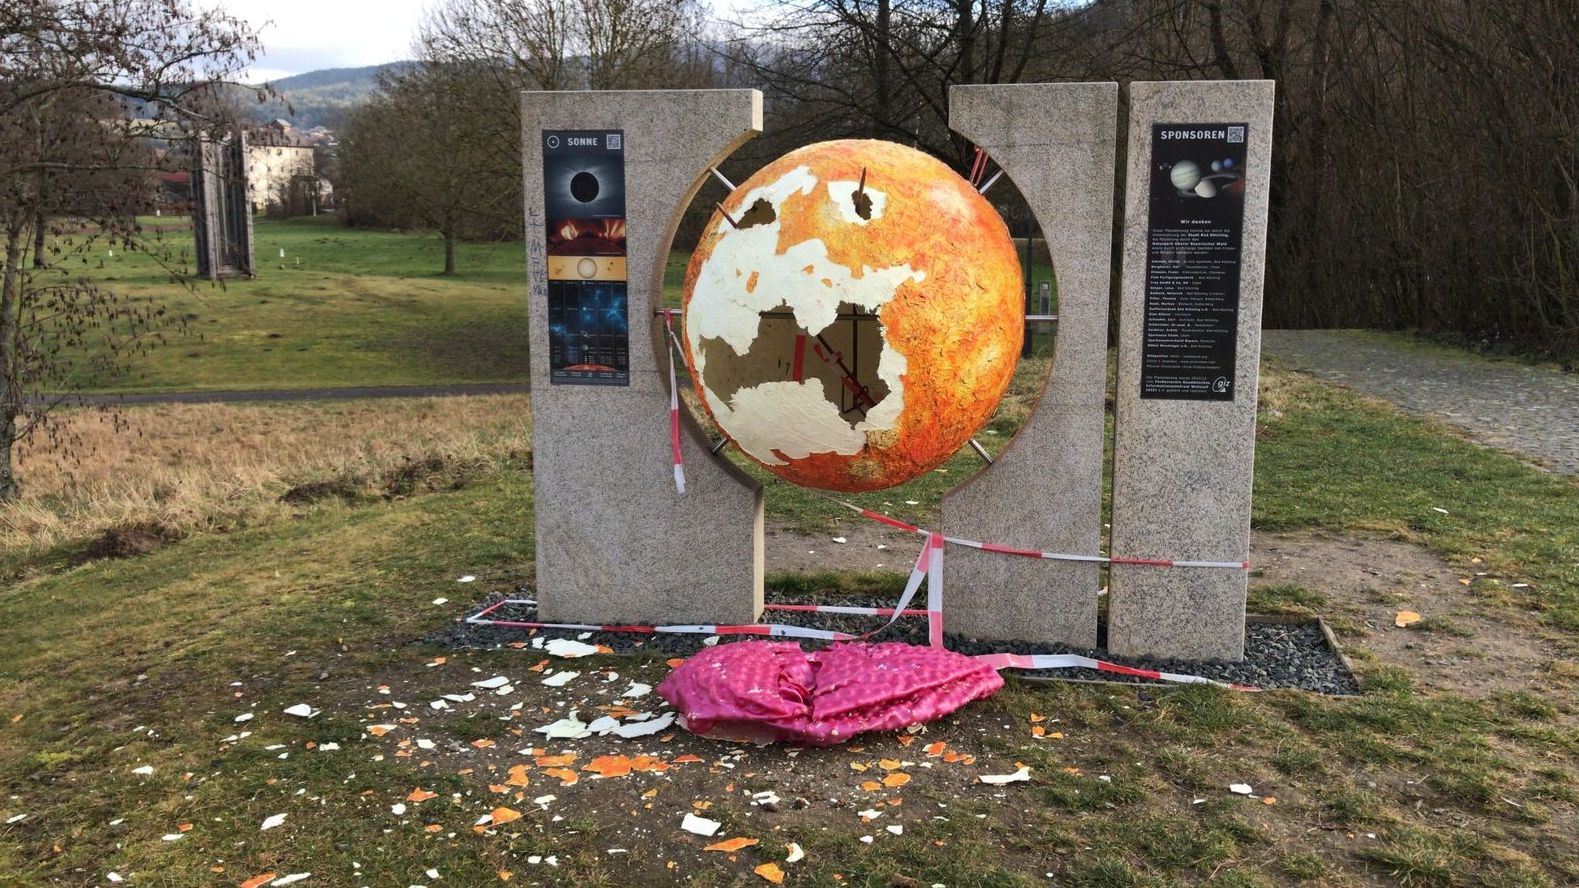 """Die zerstörte """"Sonne"""" am Startpunkt des Planetenwegs im Bad Kötztinger Kurpark"""